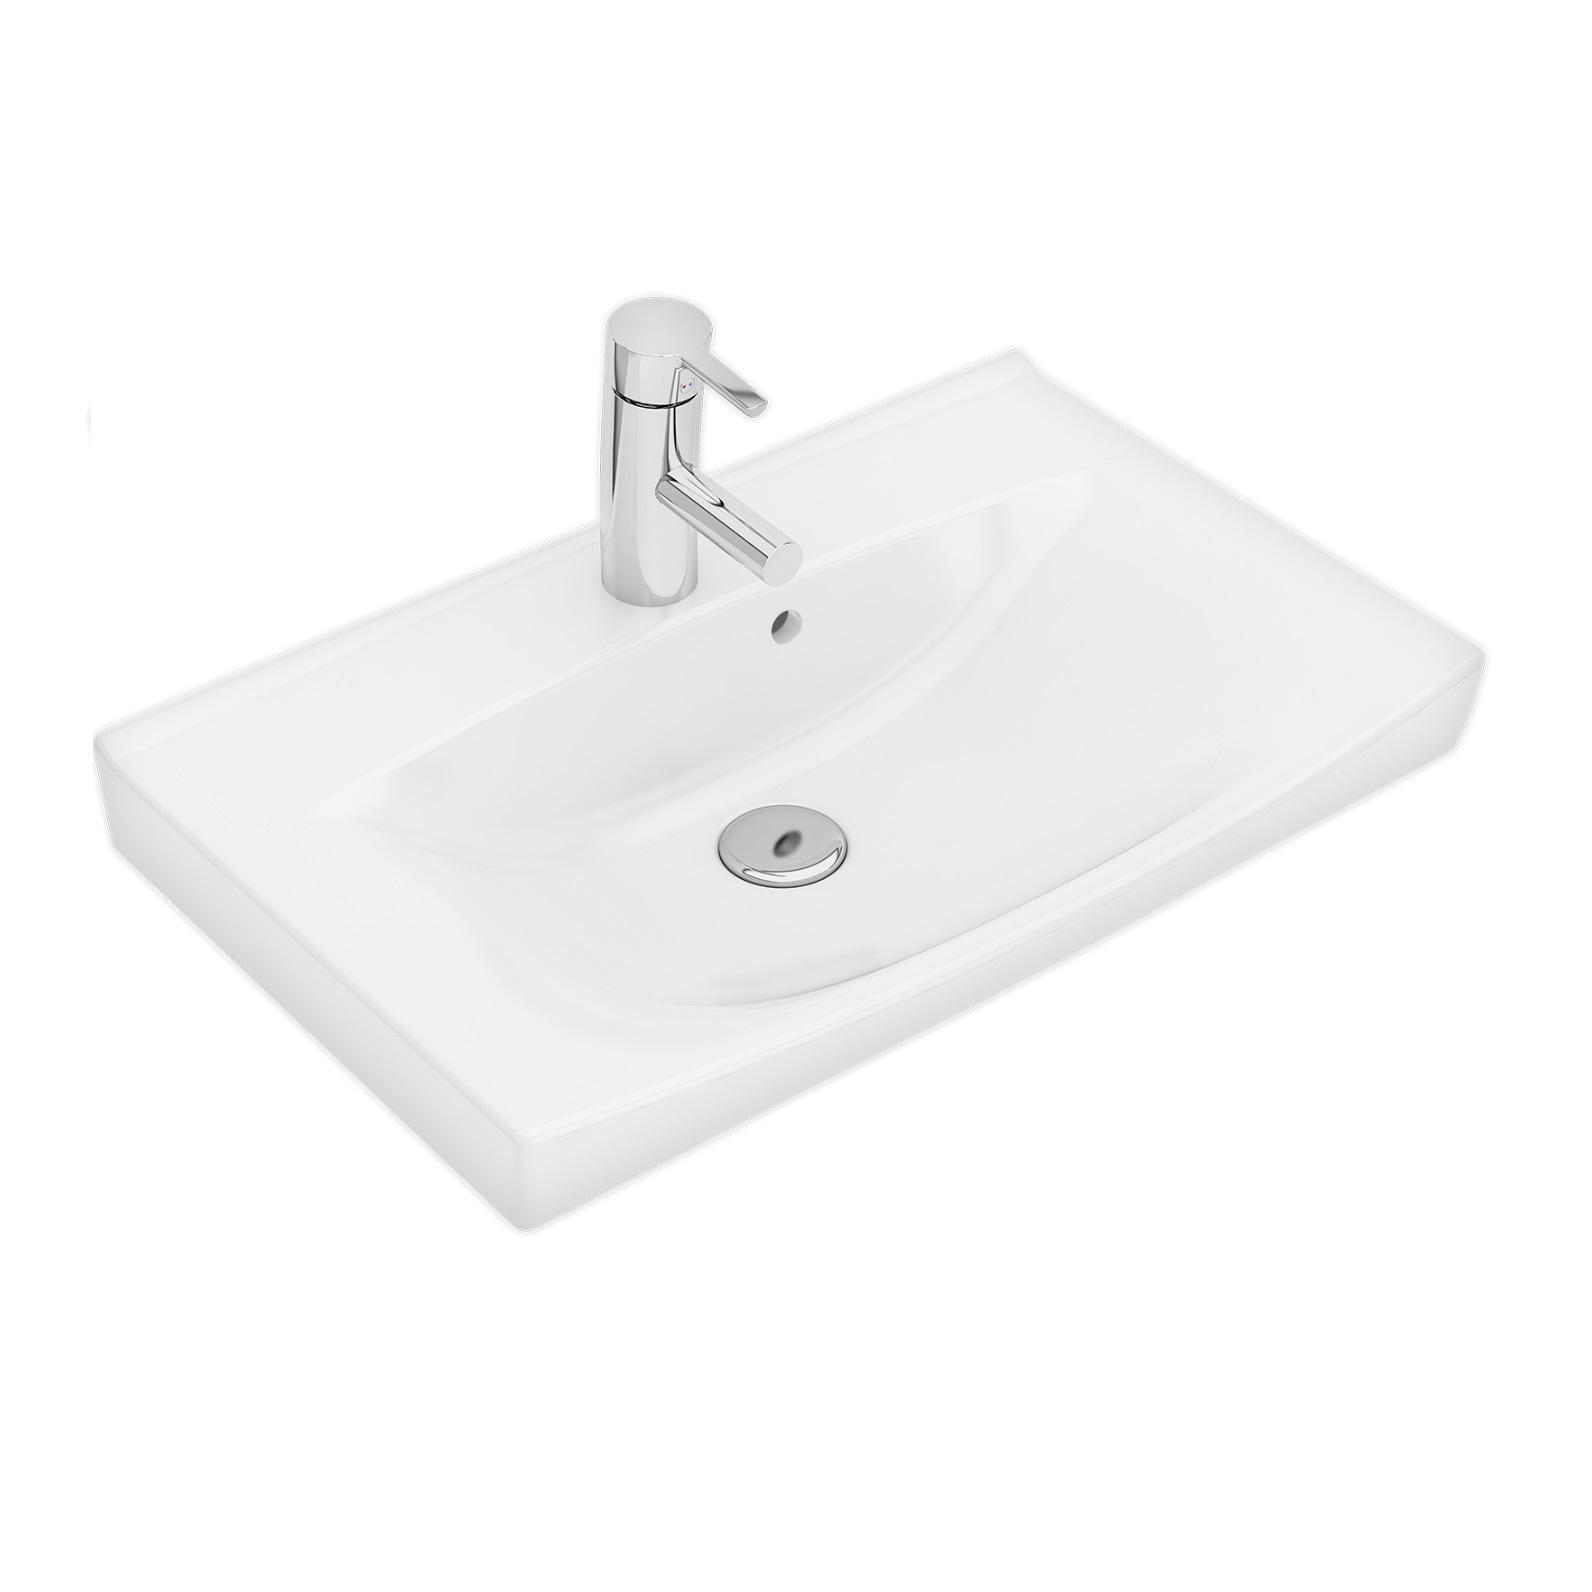 Tvättställ Ifö Spira Compact 15342 60 cm